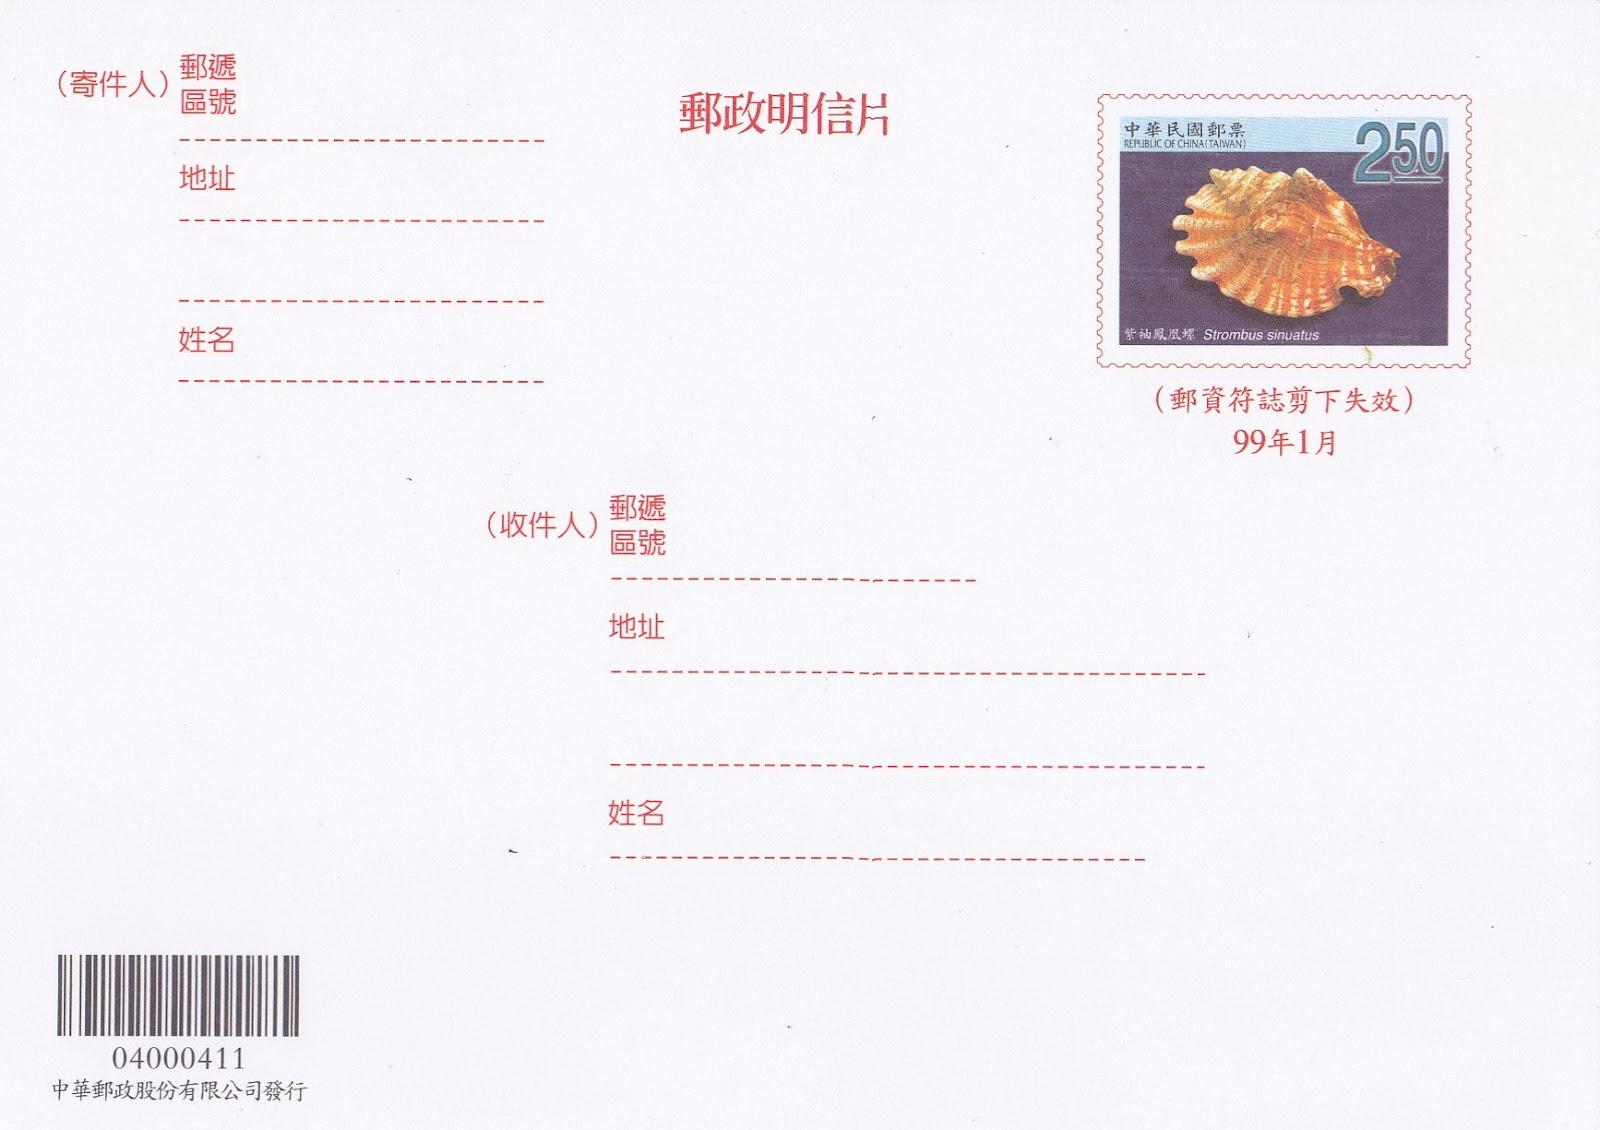 【郵局·明信片】郵局明信片 – TouPeenSeen部落格